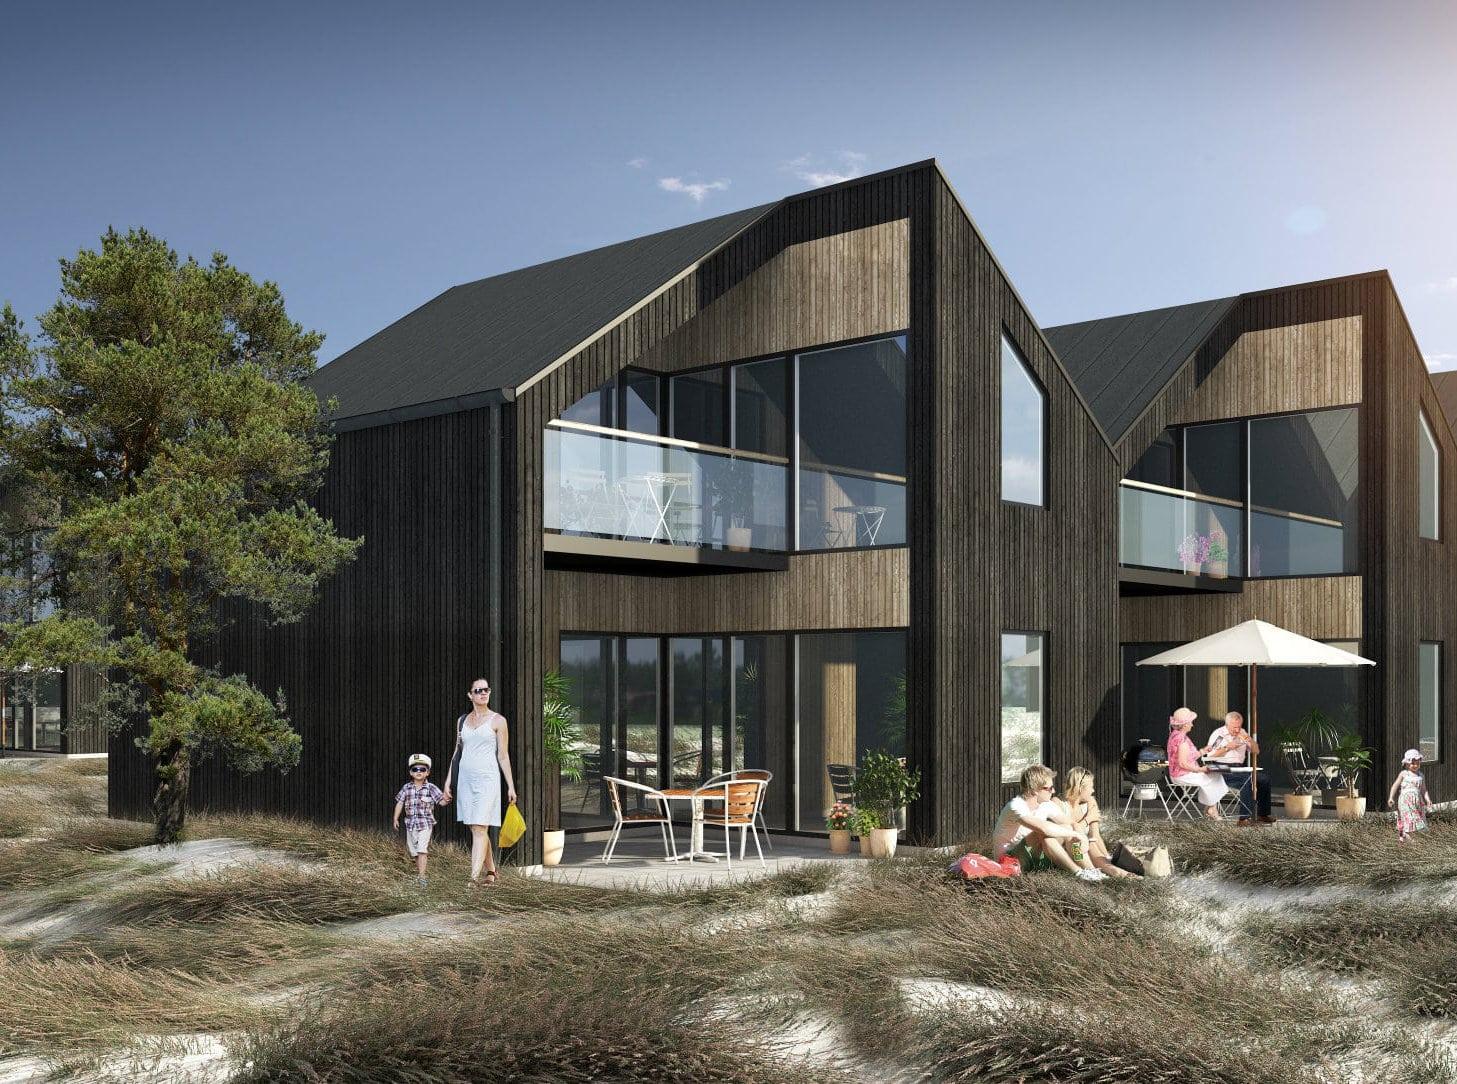 62 unikke feriehuse ved dansk havn og strand klar til åbent hus